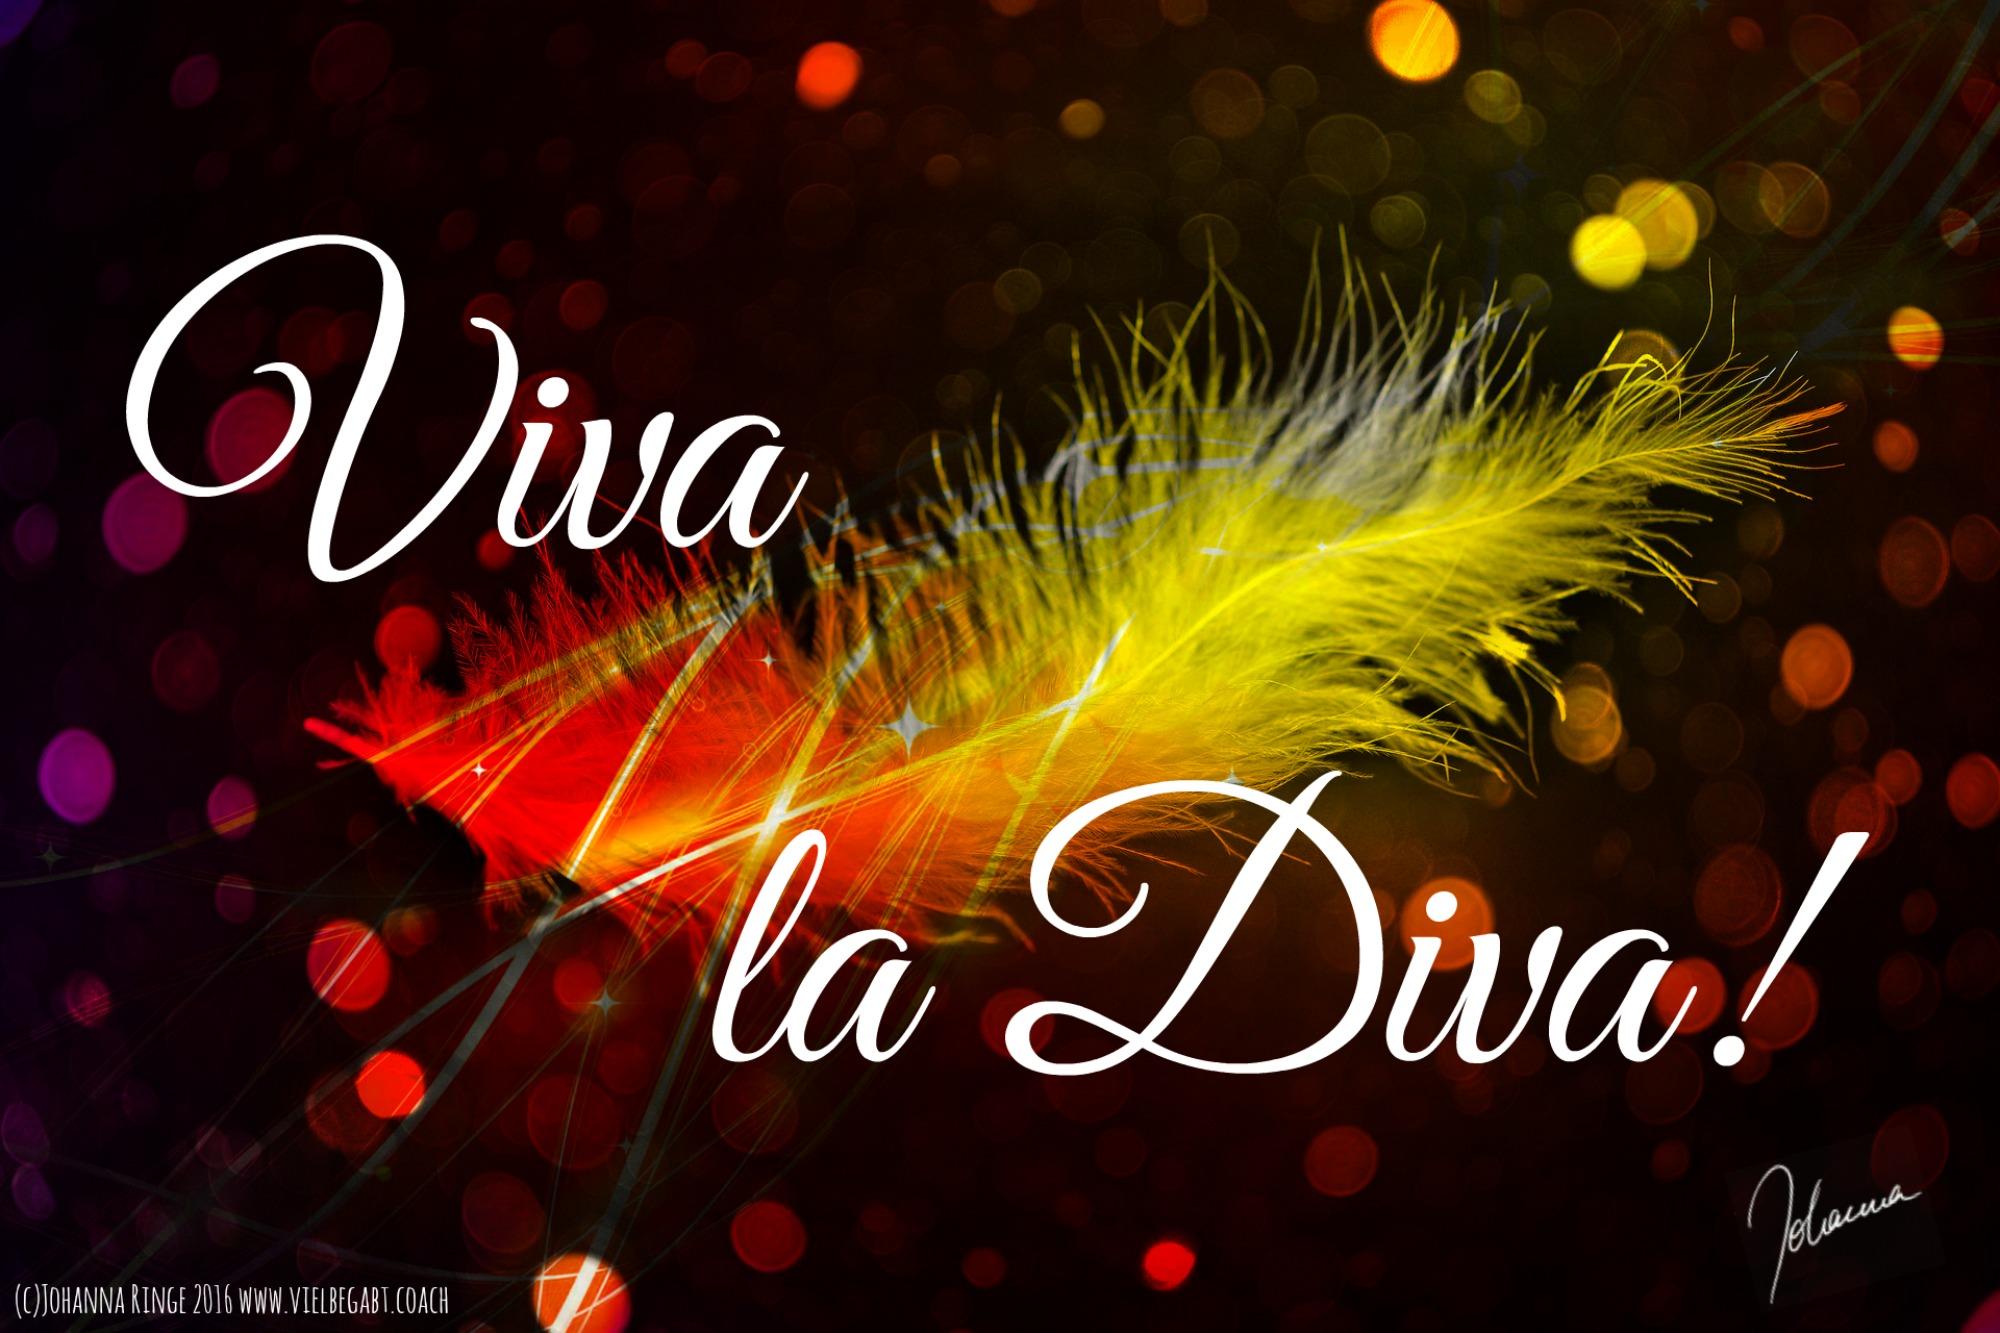 Viva la Diva! (c)Johanna Ringe 2016 dein-buntes-leben.de , vielbegabt.coach